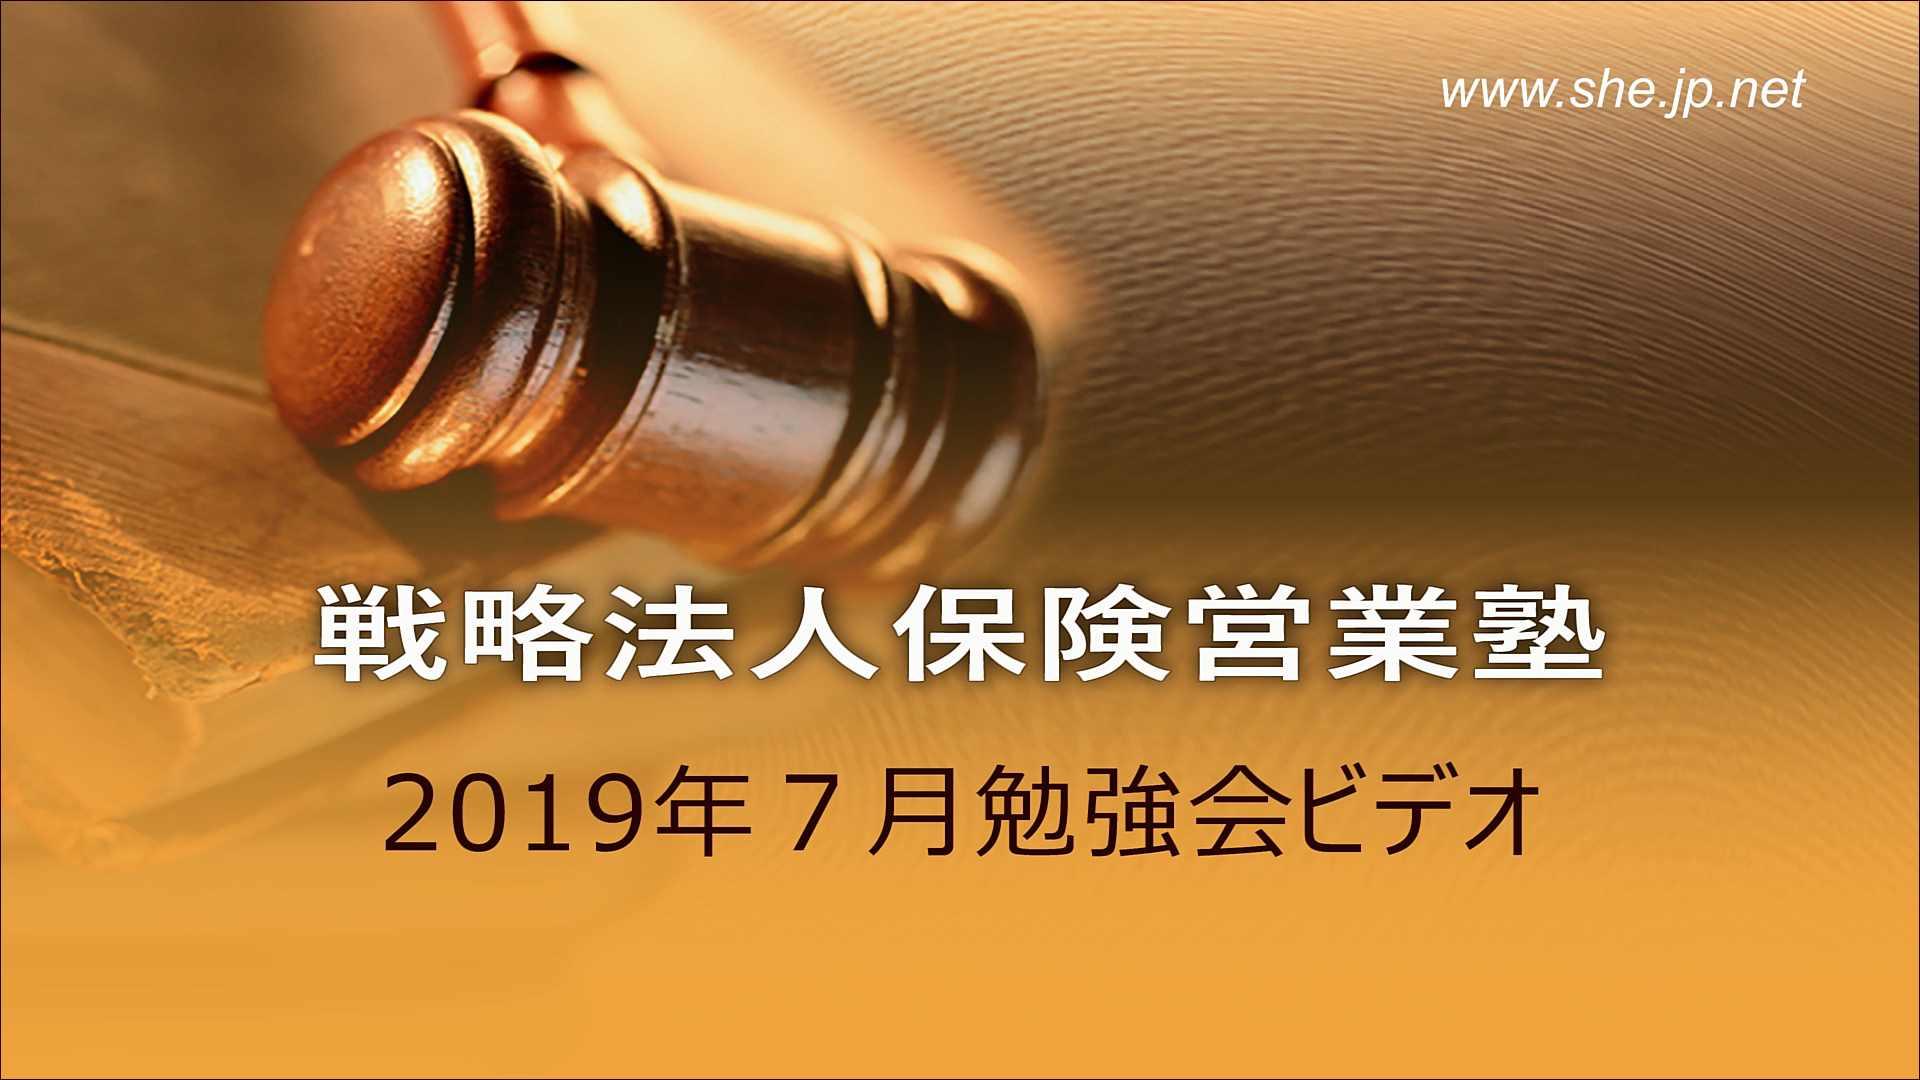 【受講者専用】 2019年07月度LiveSHE勉強会ビデオ(メンバー限定)